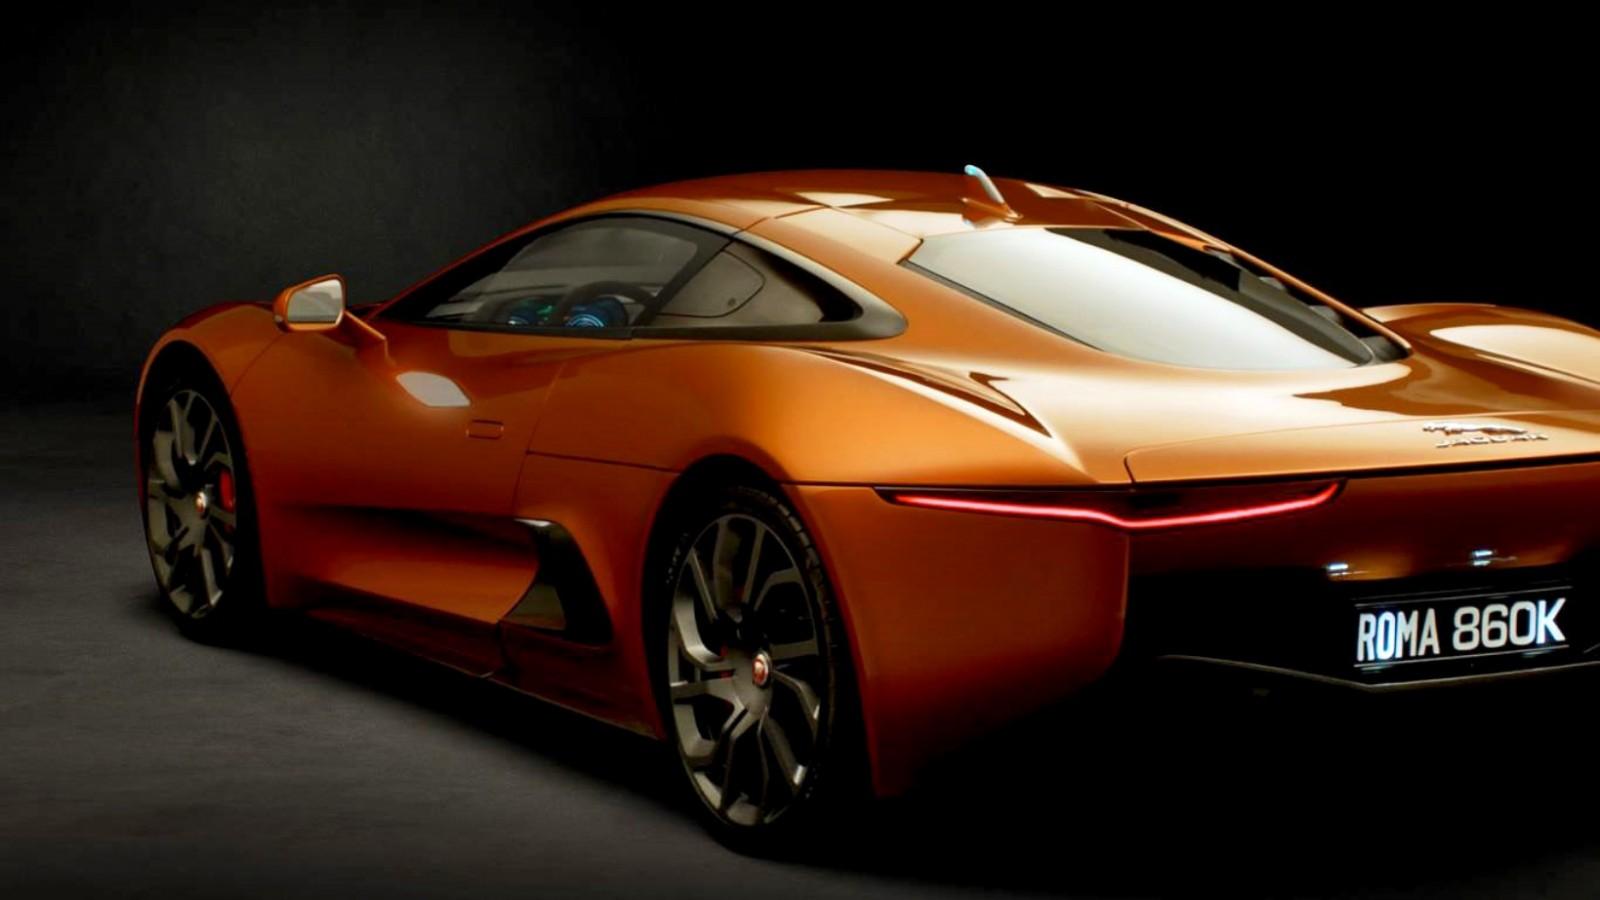 New Jaguar Bond Car